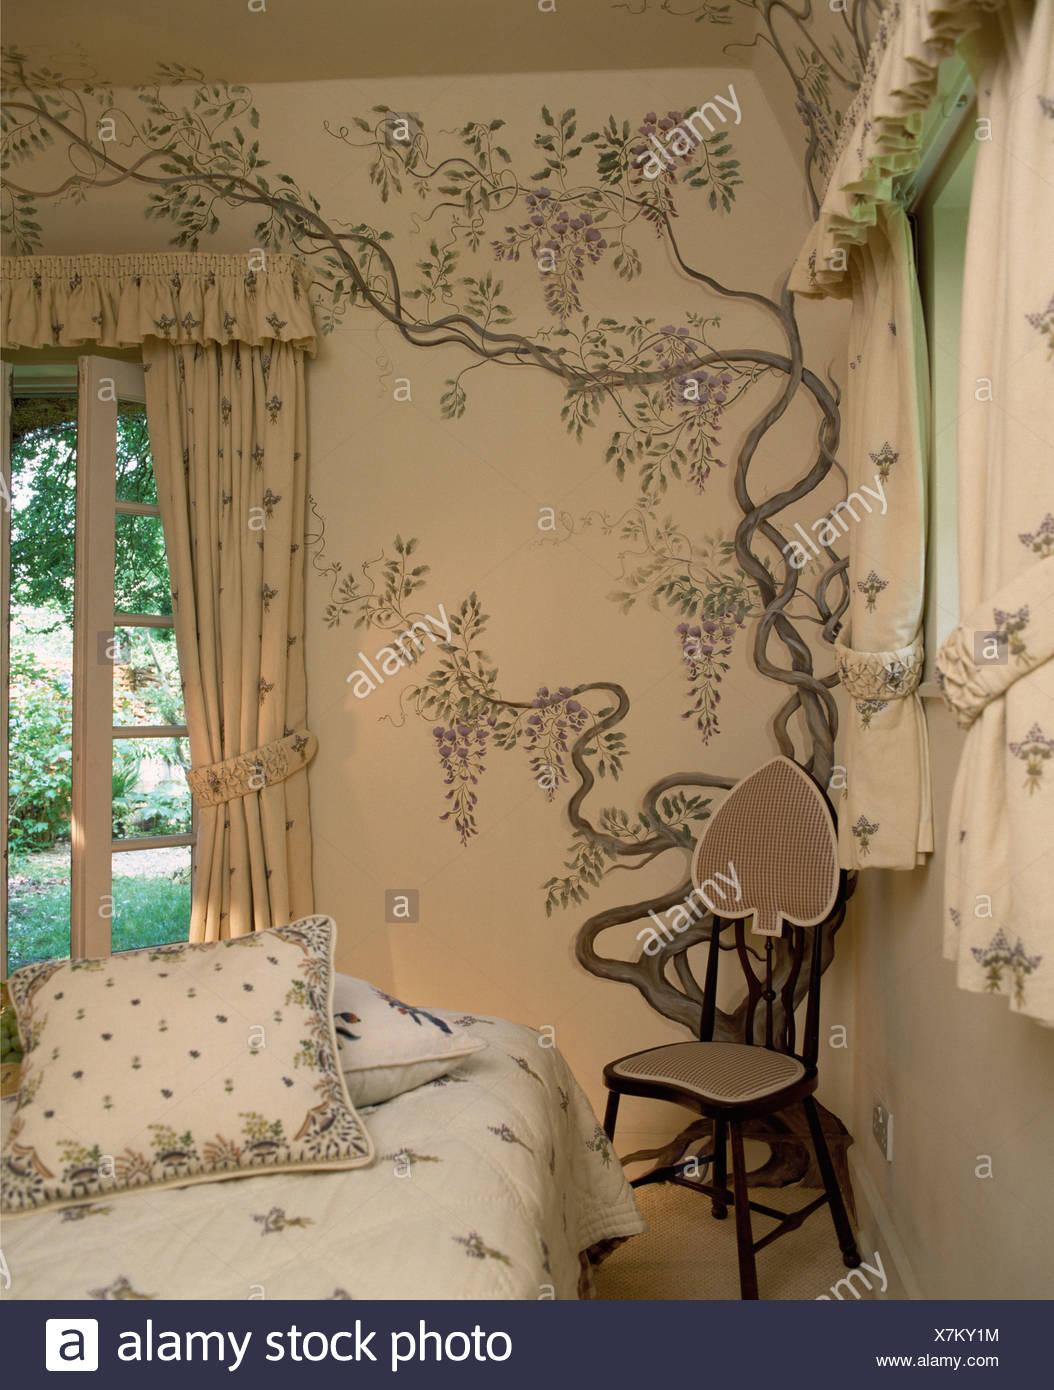 Full Size of Kleiner Stuhl In Der Ecke Htte Schlafzimmer Mit Handgemalten Sessel Wandlampe Bad Deko Badezimmer Teppich Luxus Glaswand Dusche Wandfliesen Küche Günstige Wohnzimmer Deko Schlafzimmer Wand